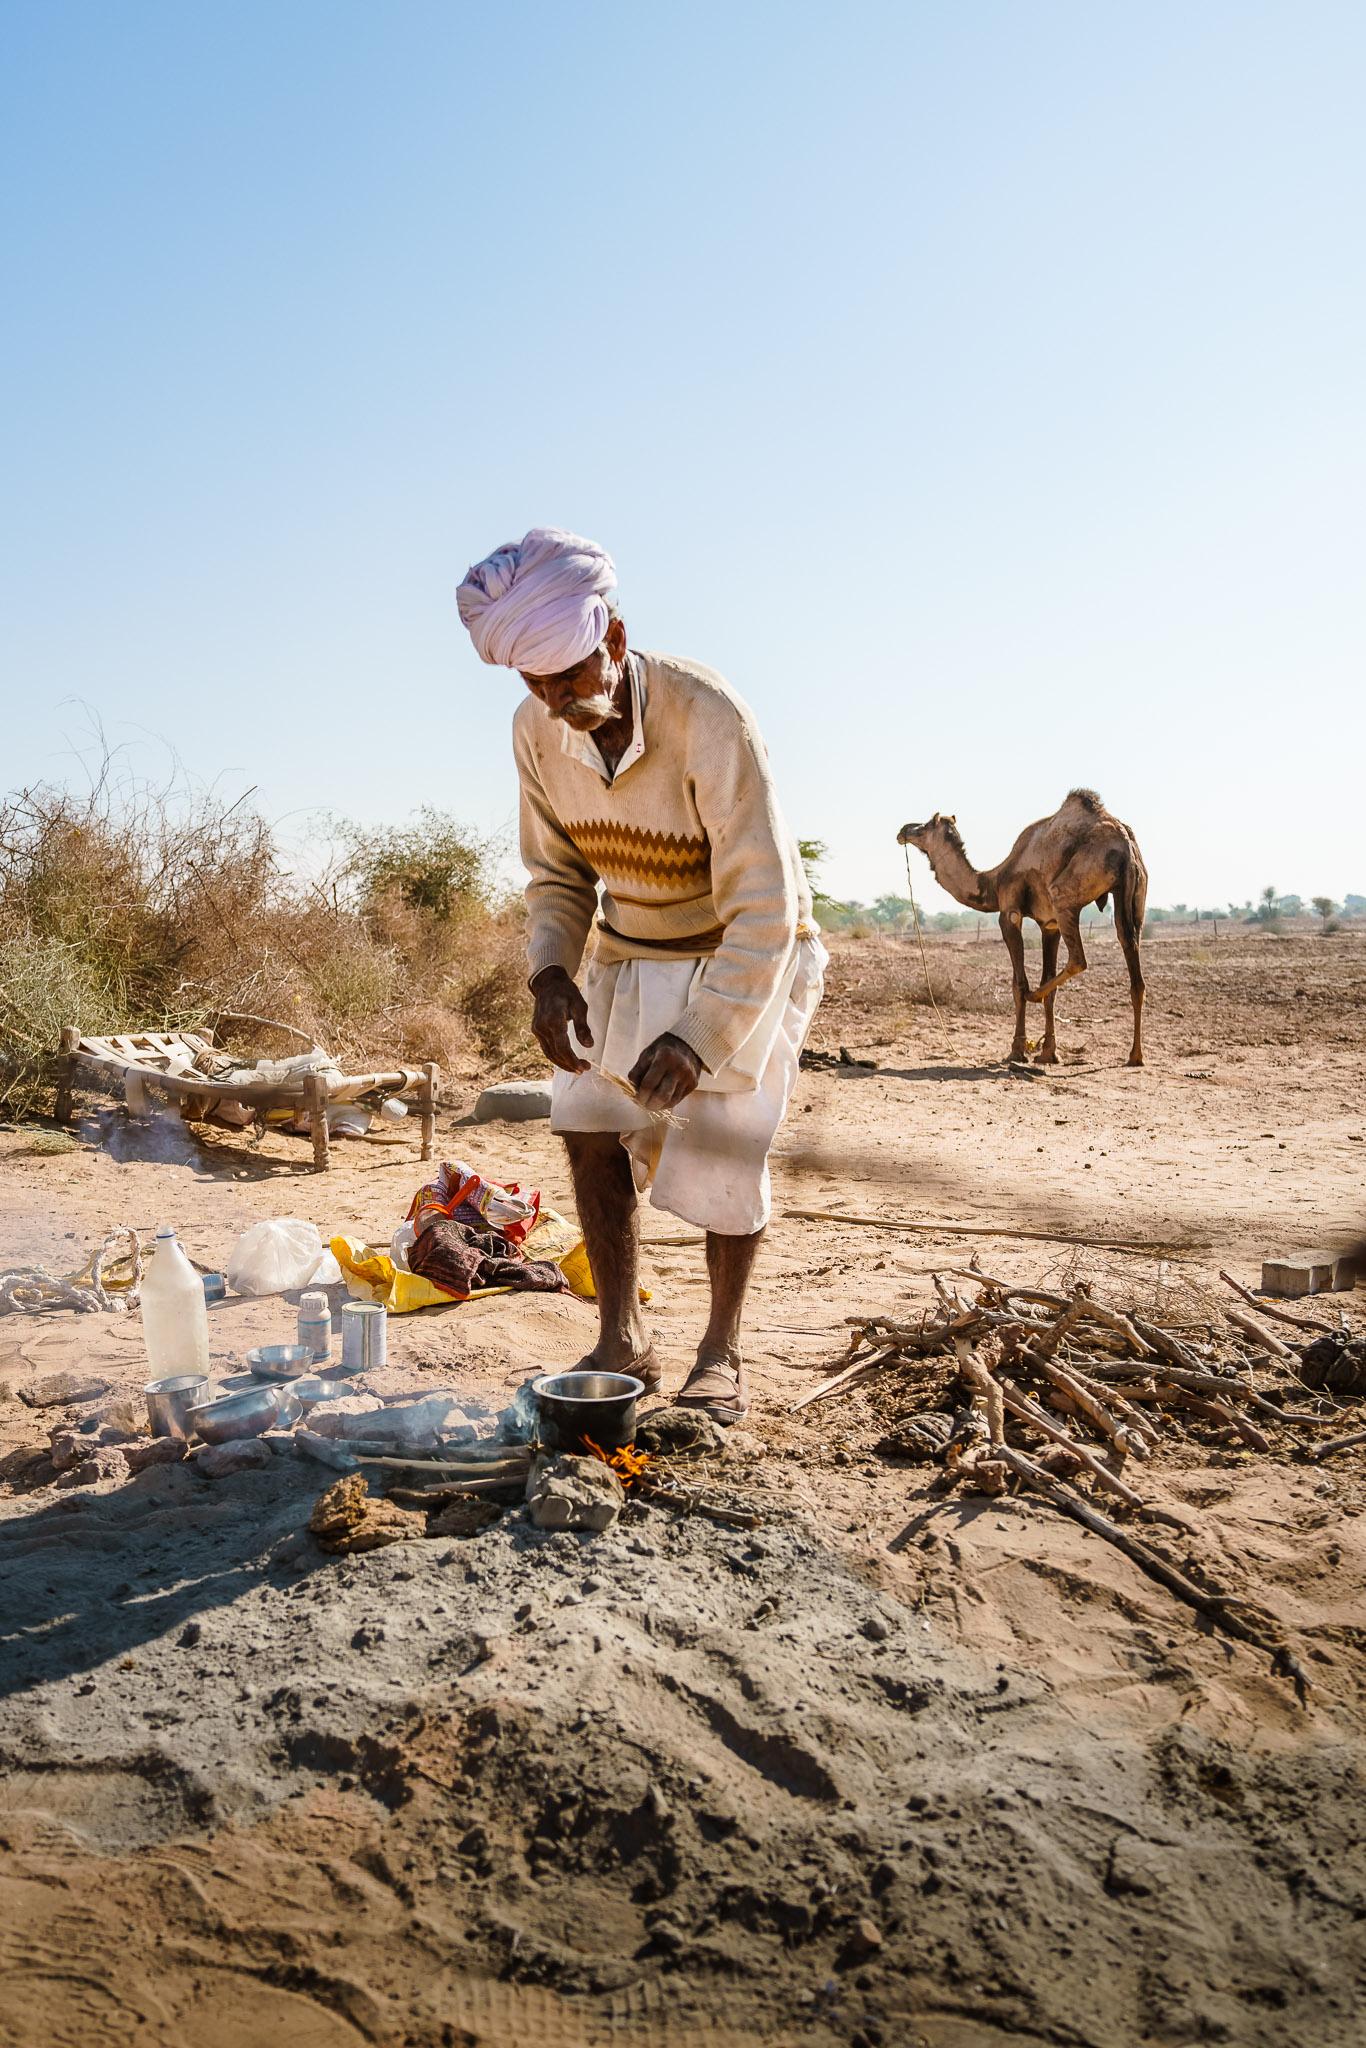 India-pokhran-camel-farmer-7.jpg